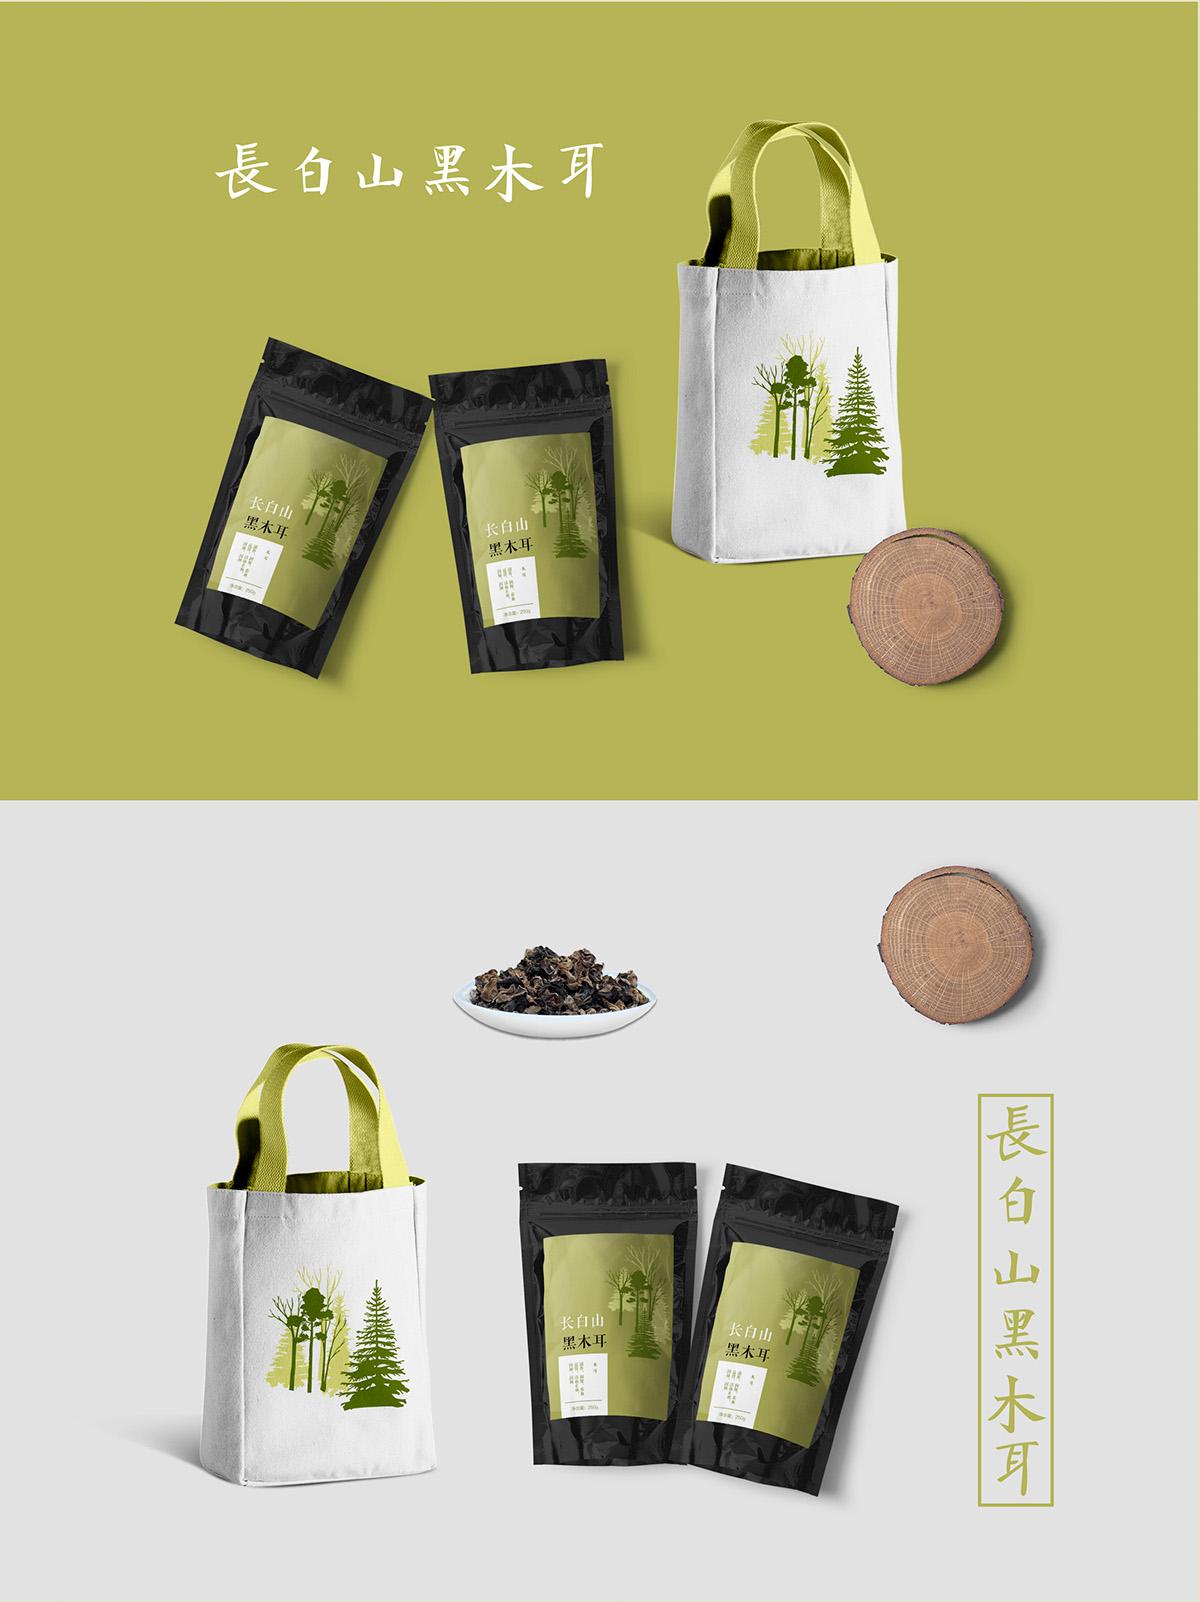 edible tree fungus packaging